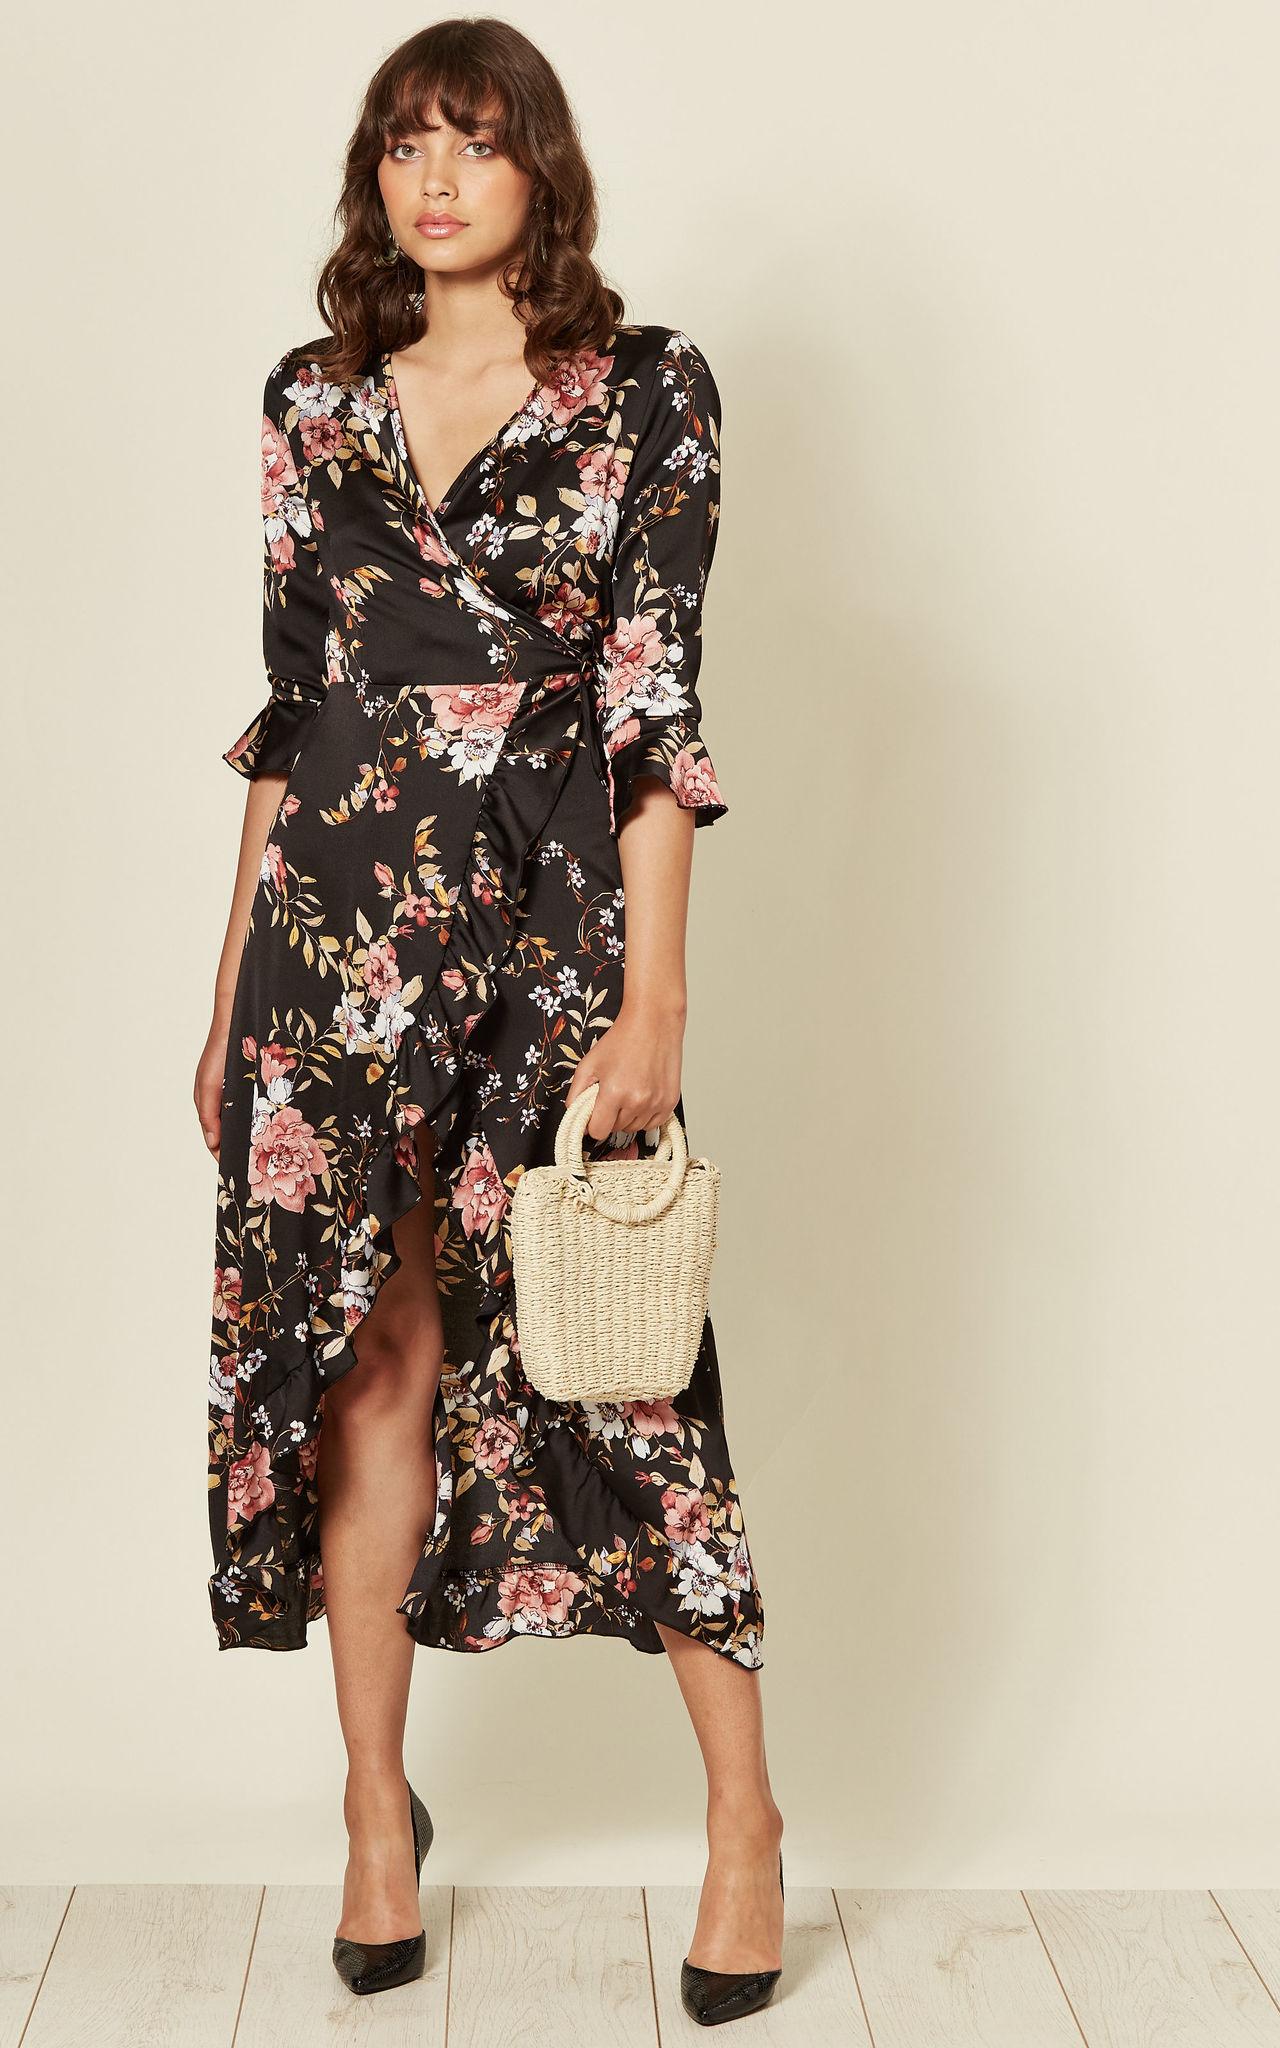 Model wears a frill wrap dress in floral